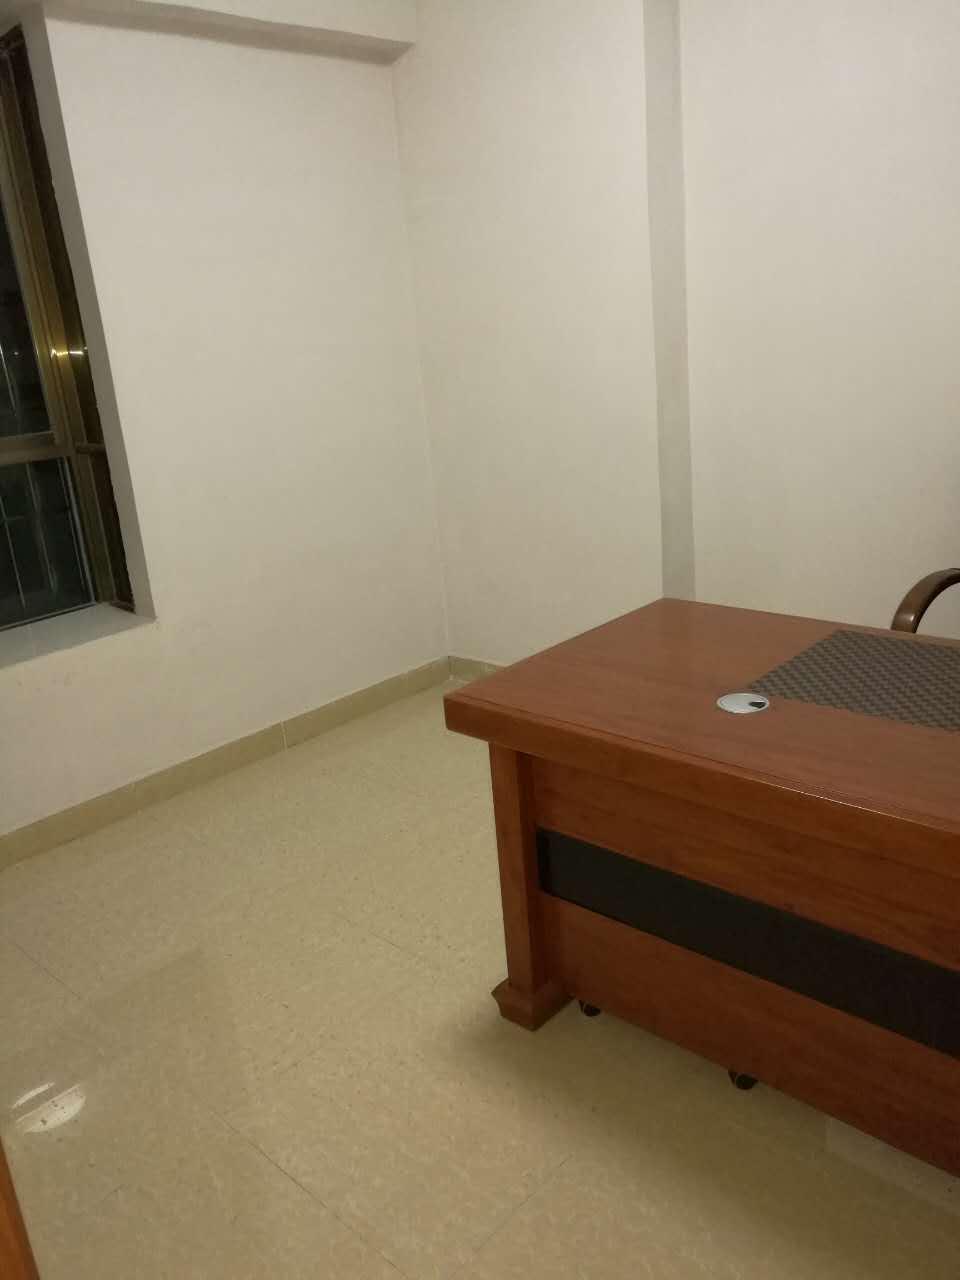 深圳公明楼村小产权三房110平米58万,户型方正实用 跳蚤市场 个人房源 深圳 三房二厅 第14张